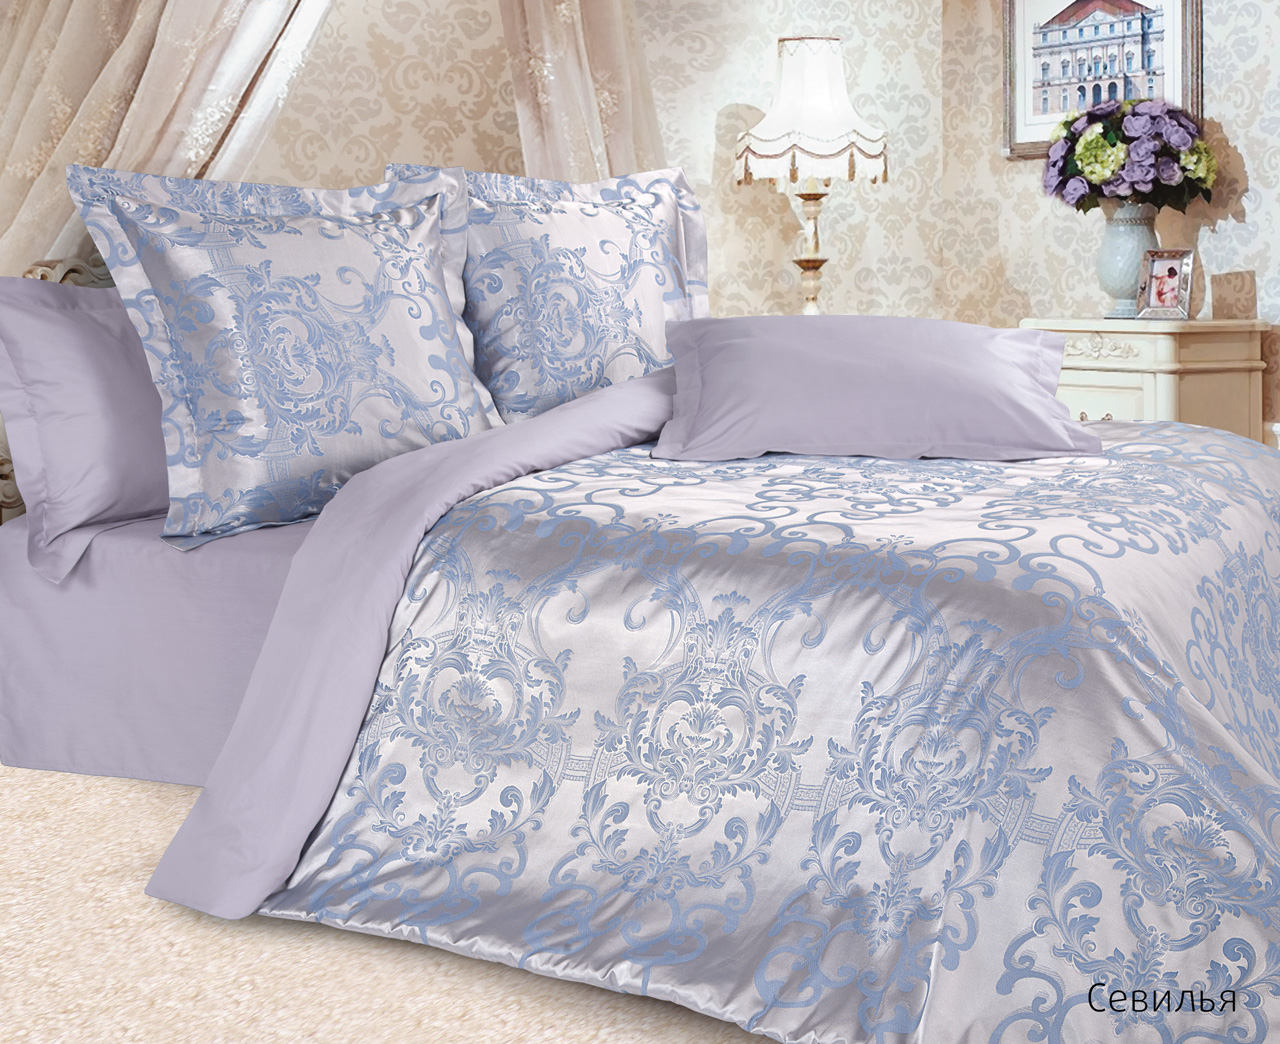 Комплекты постельного белья Ecotex ecx391975